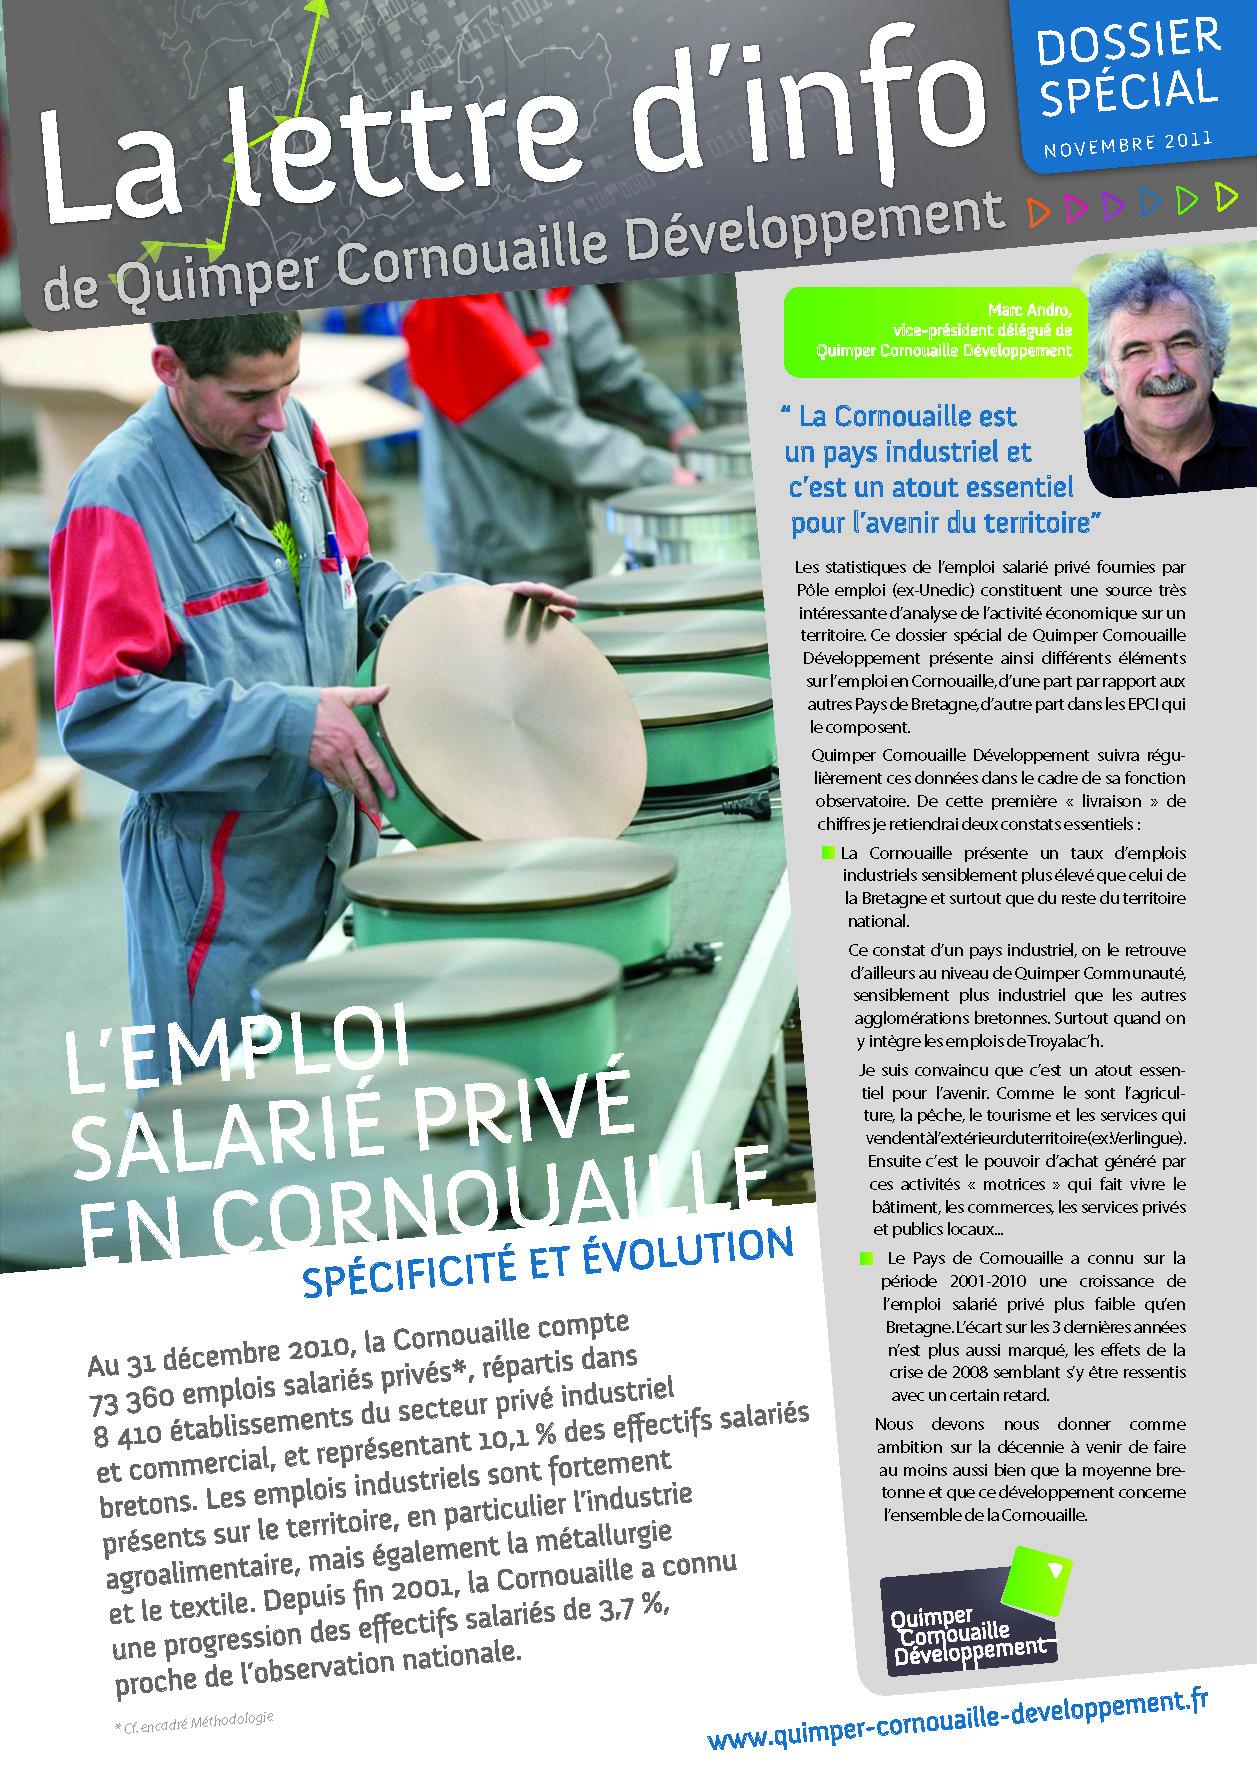 Dossier spécial de Quimper Cornouaille Développement. L'emploi salarié privé en Cornouaille